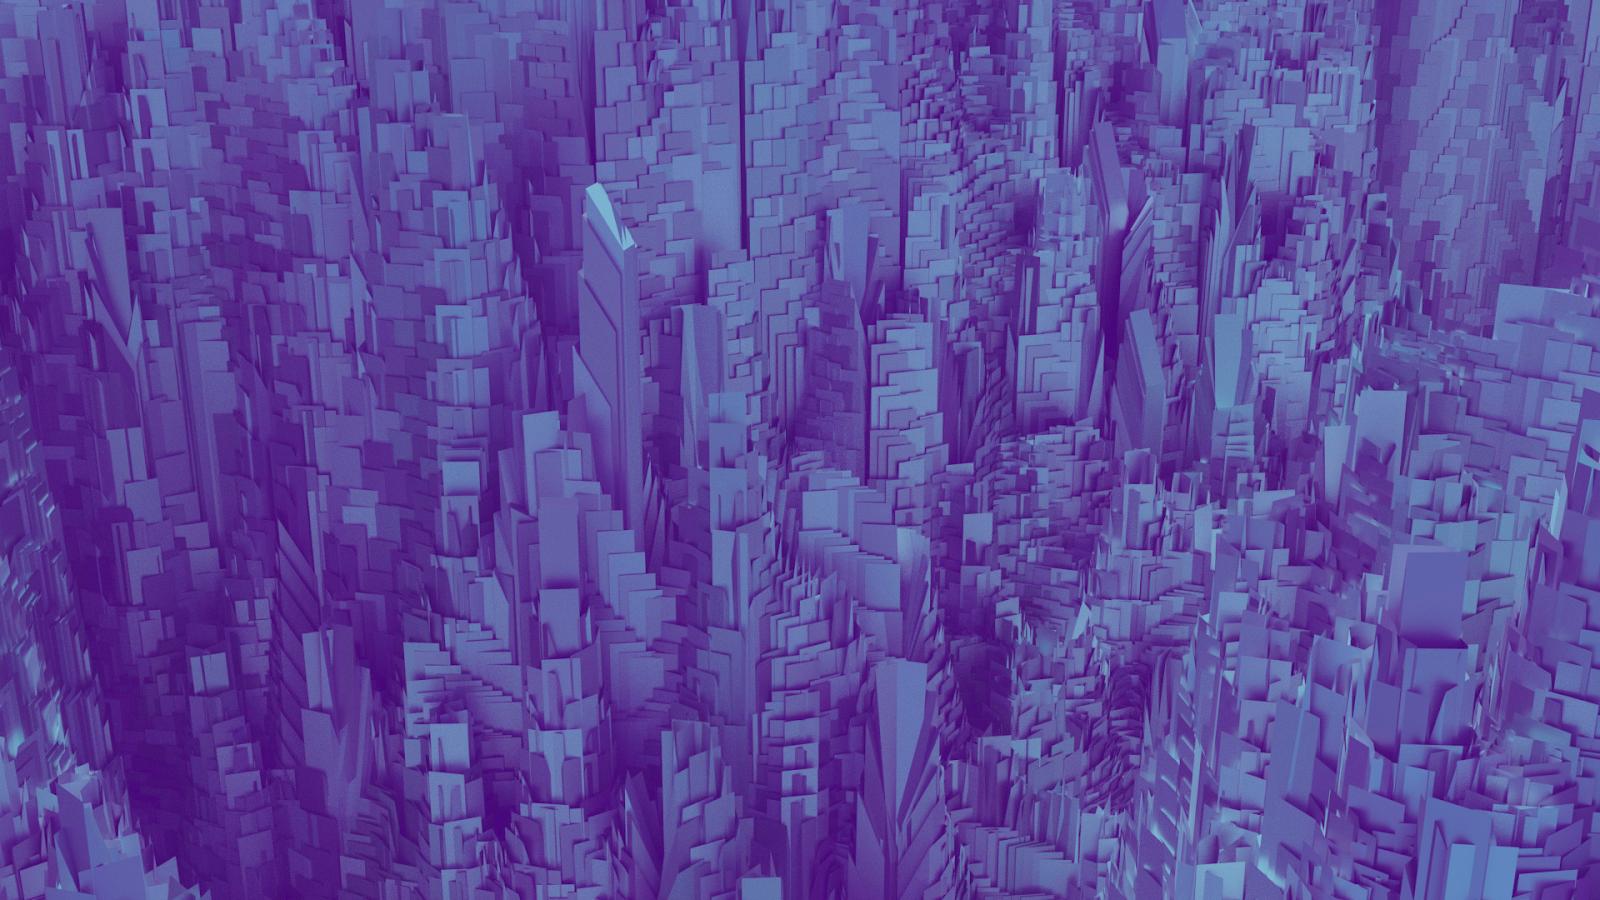 Эксперты BitMEX Research обнаружили «потенциальную ошибку» в синхронизации полной ноды Parity